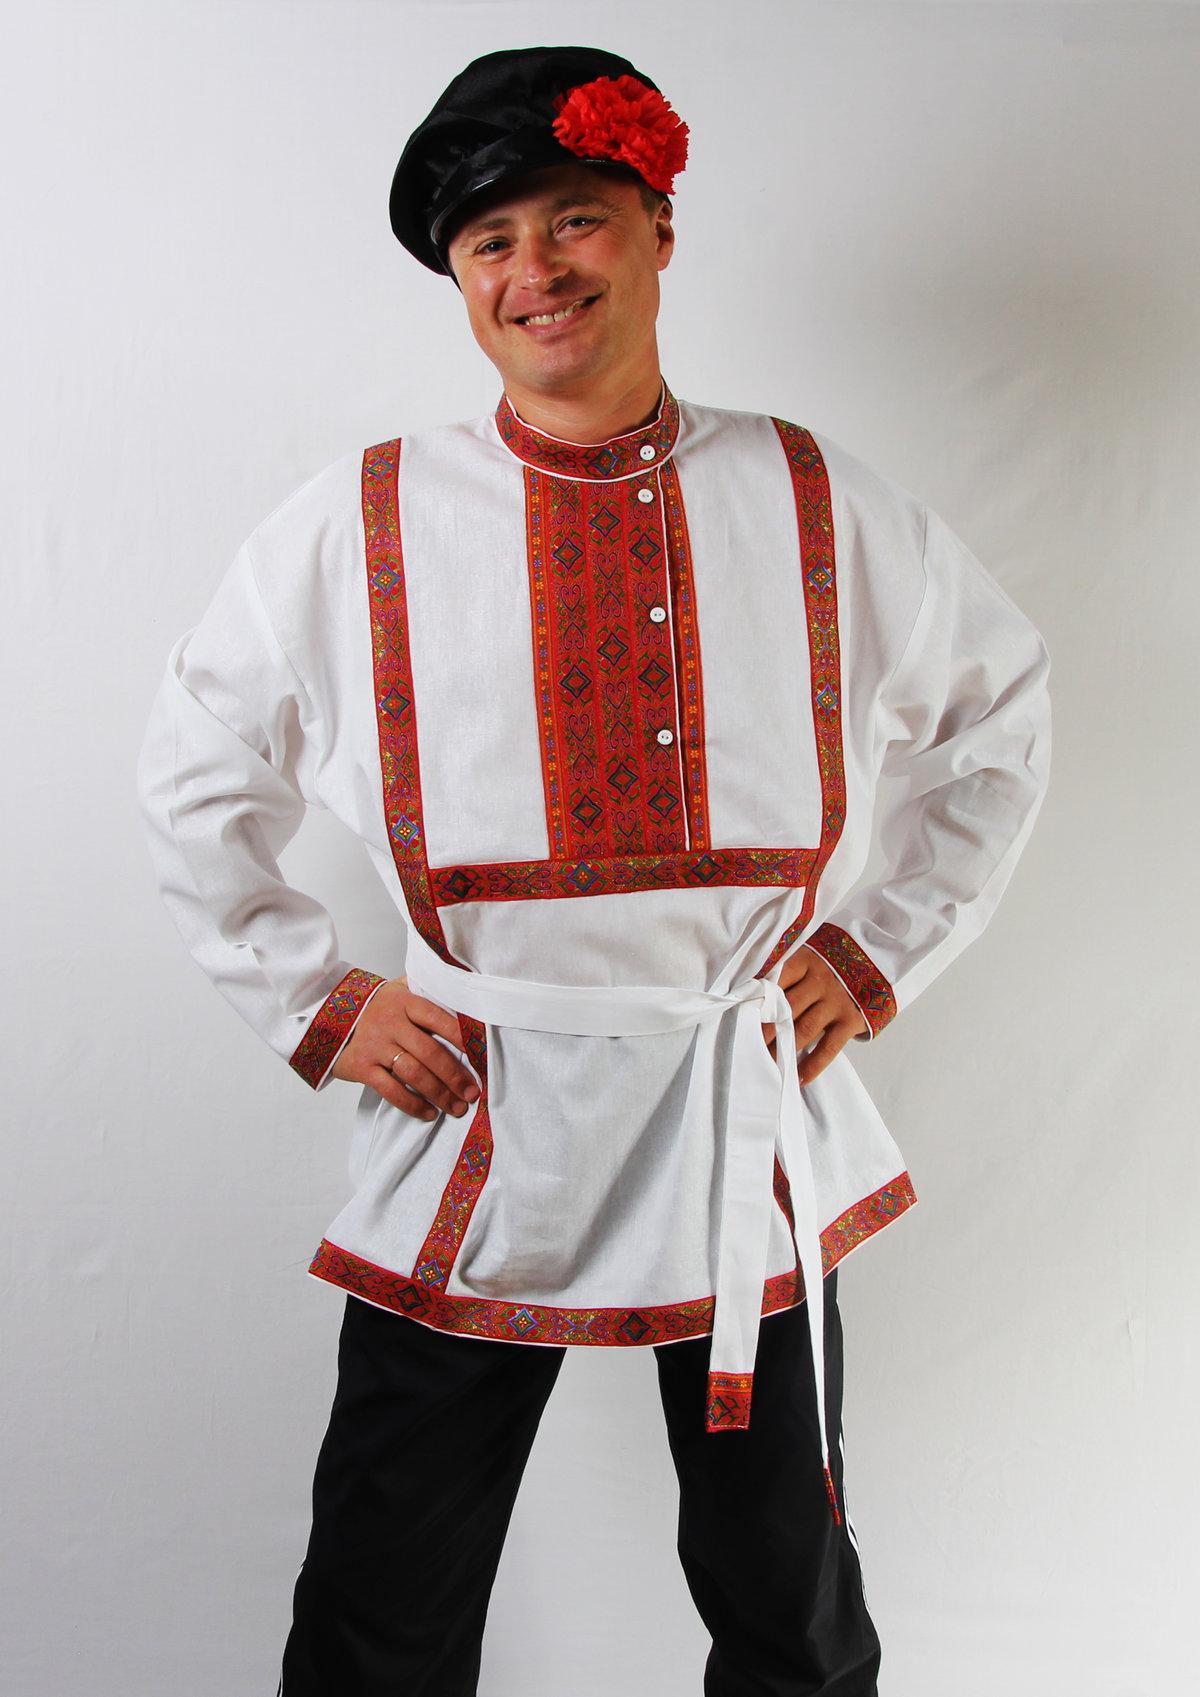 предмет, русский национальный мужской костюм картинки помощью различных